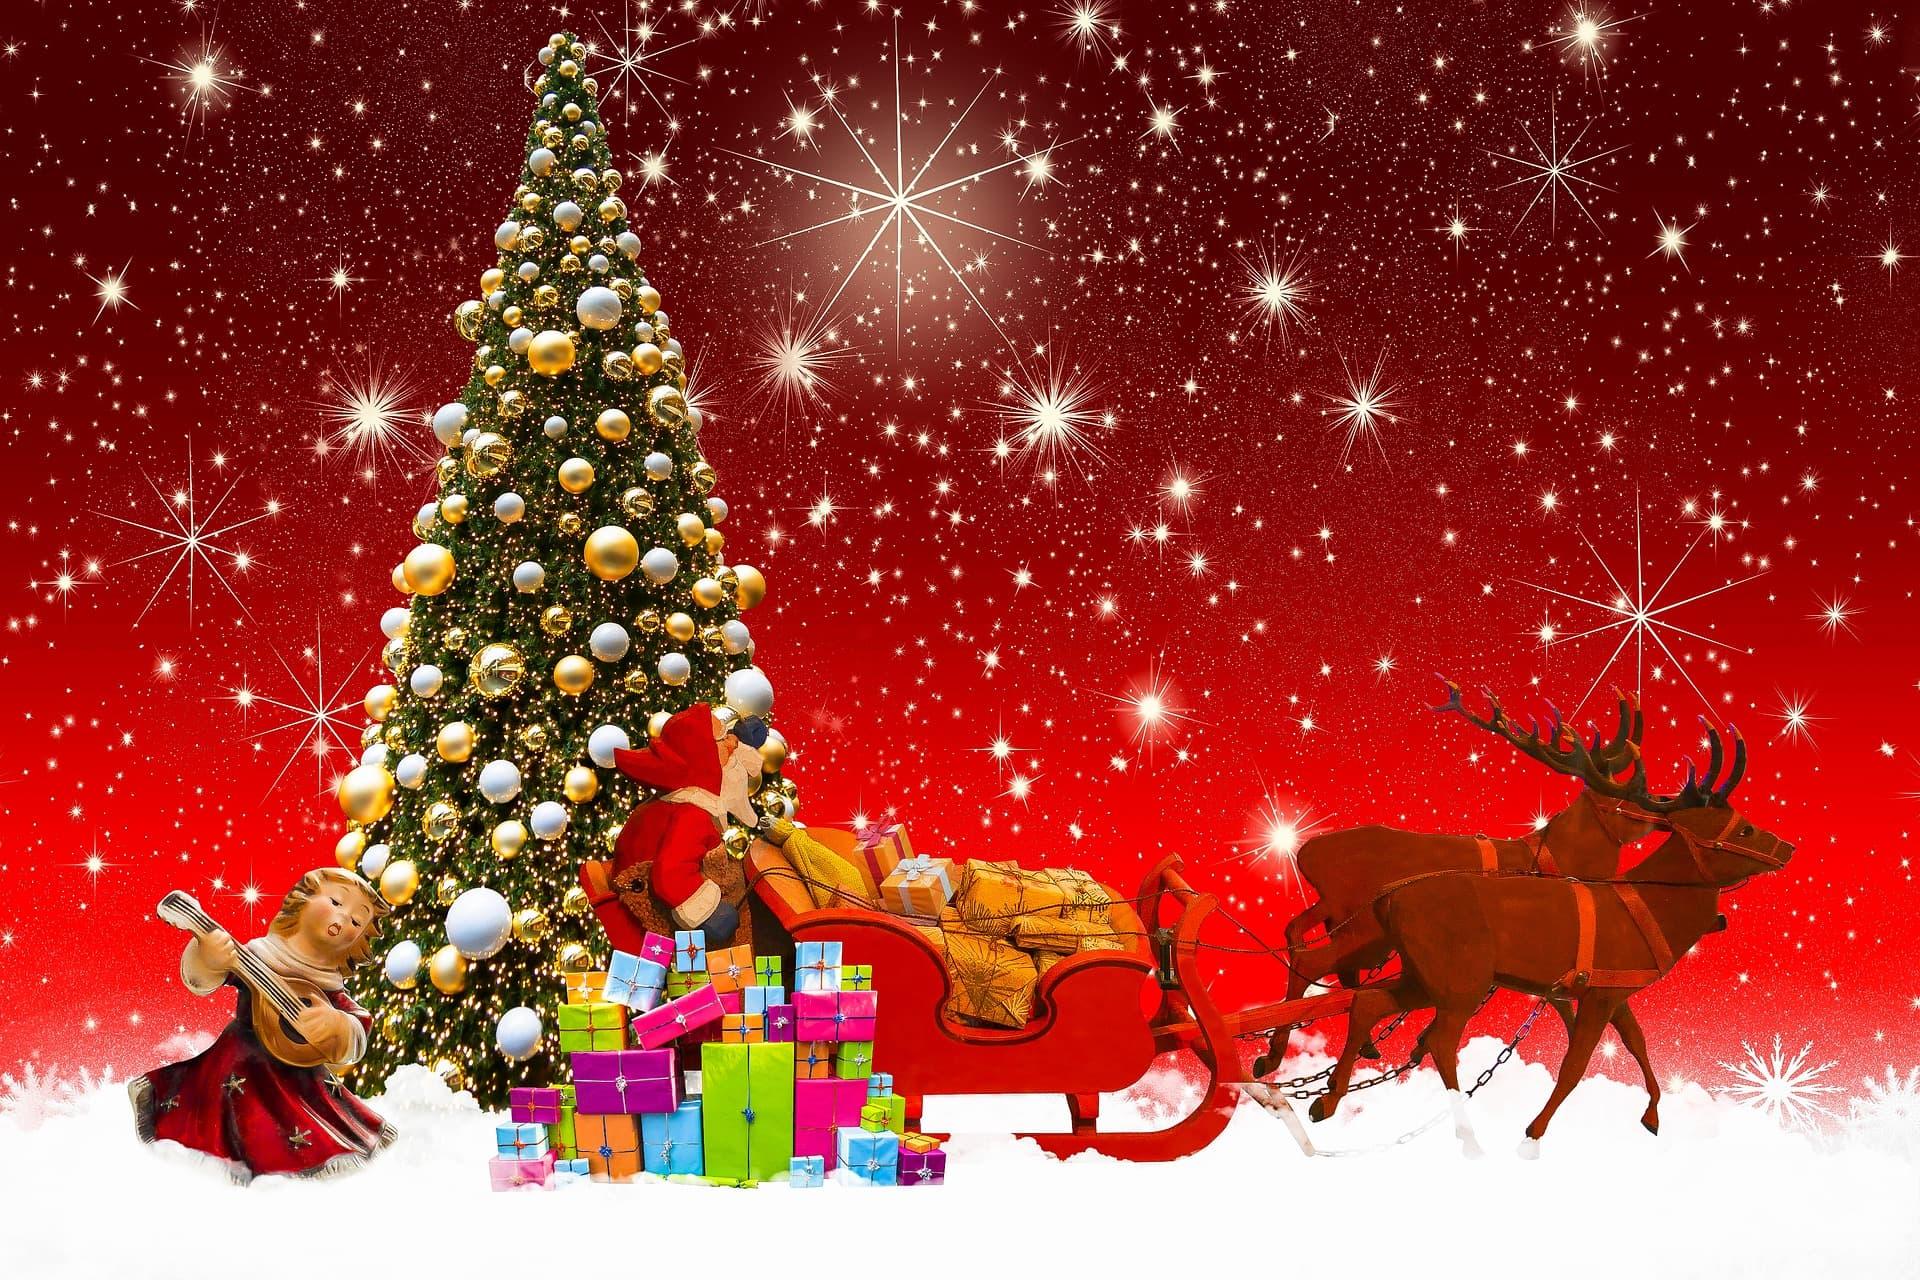 Тест: Получите ли вы подарок от Деда Мороза в этом году?